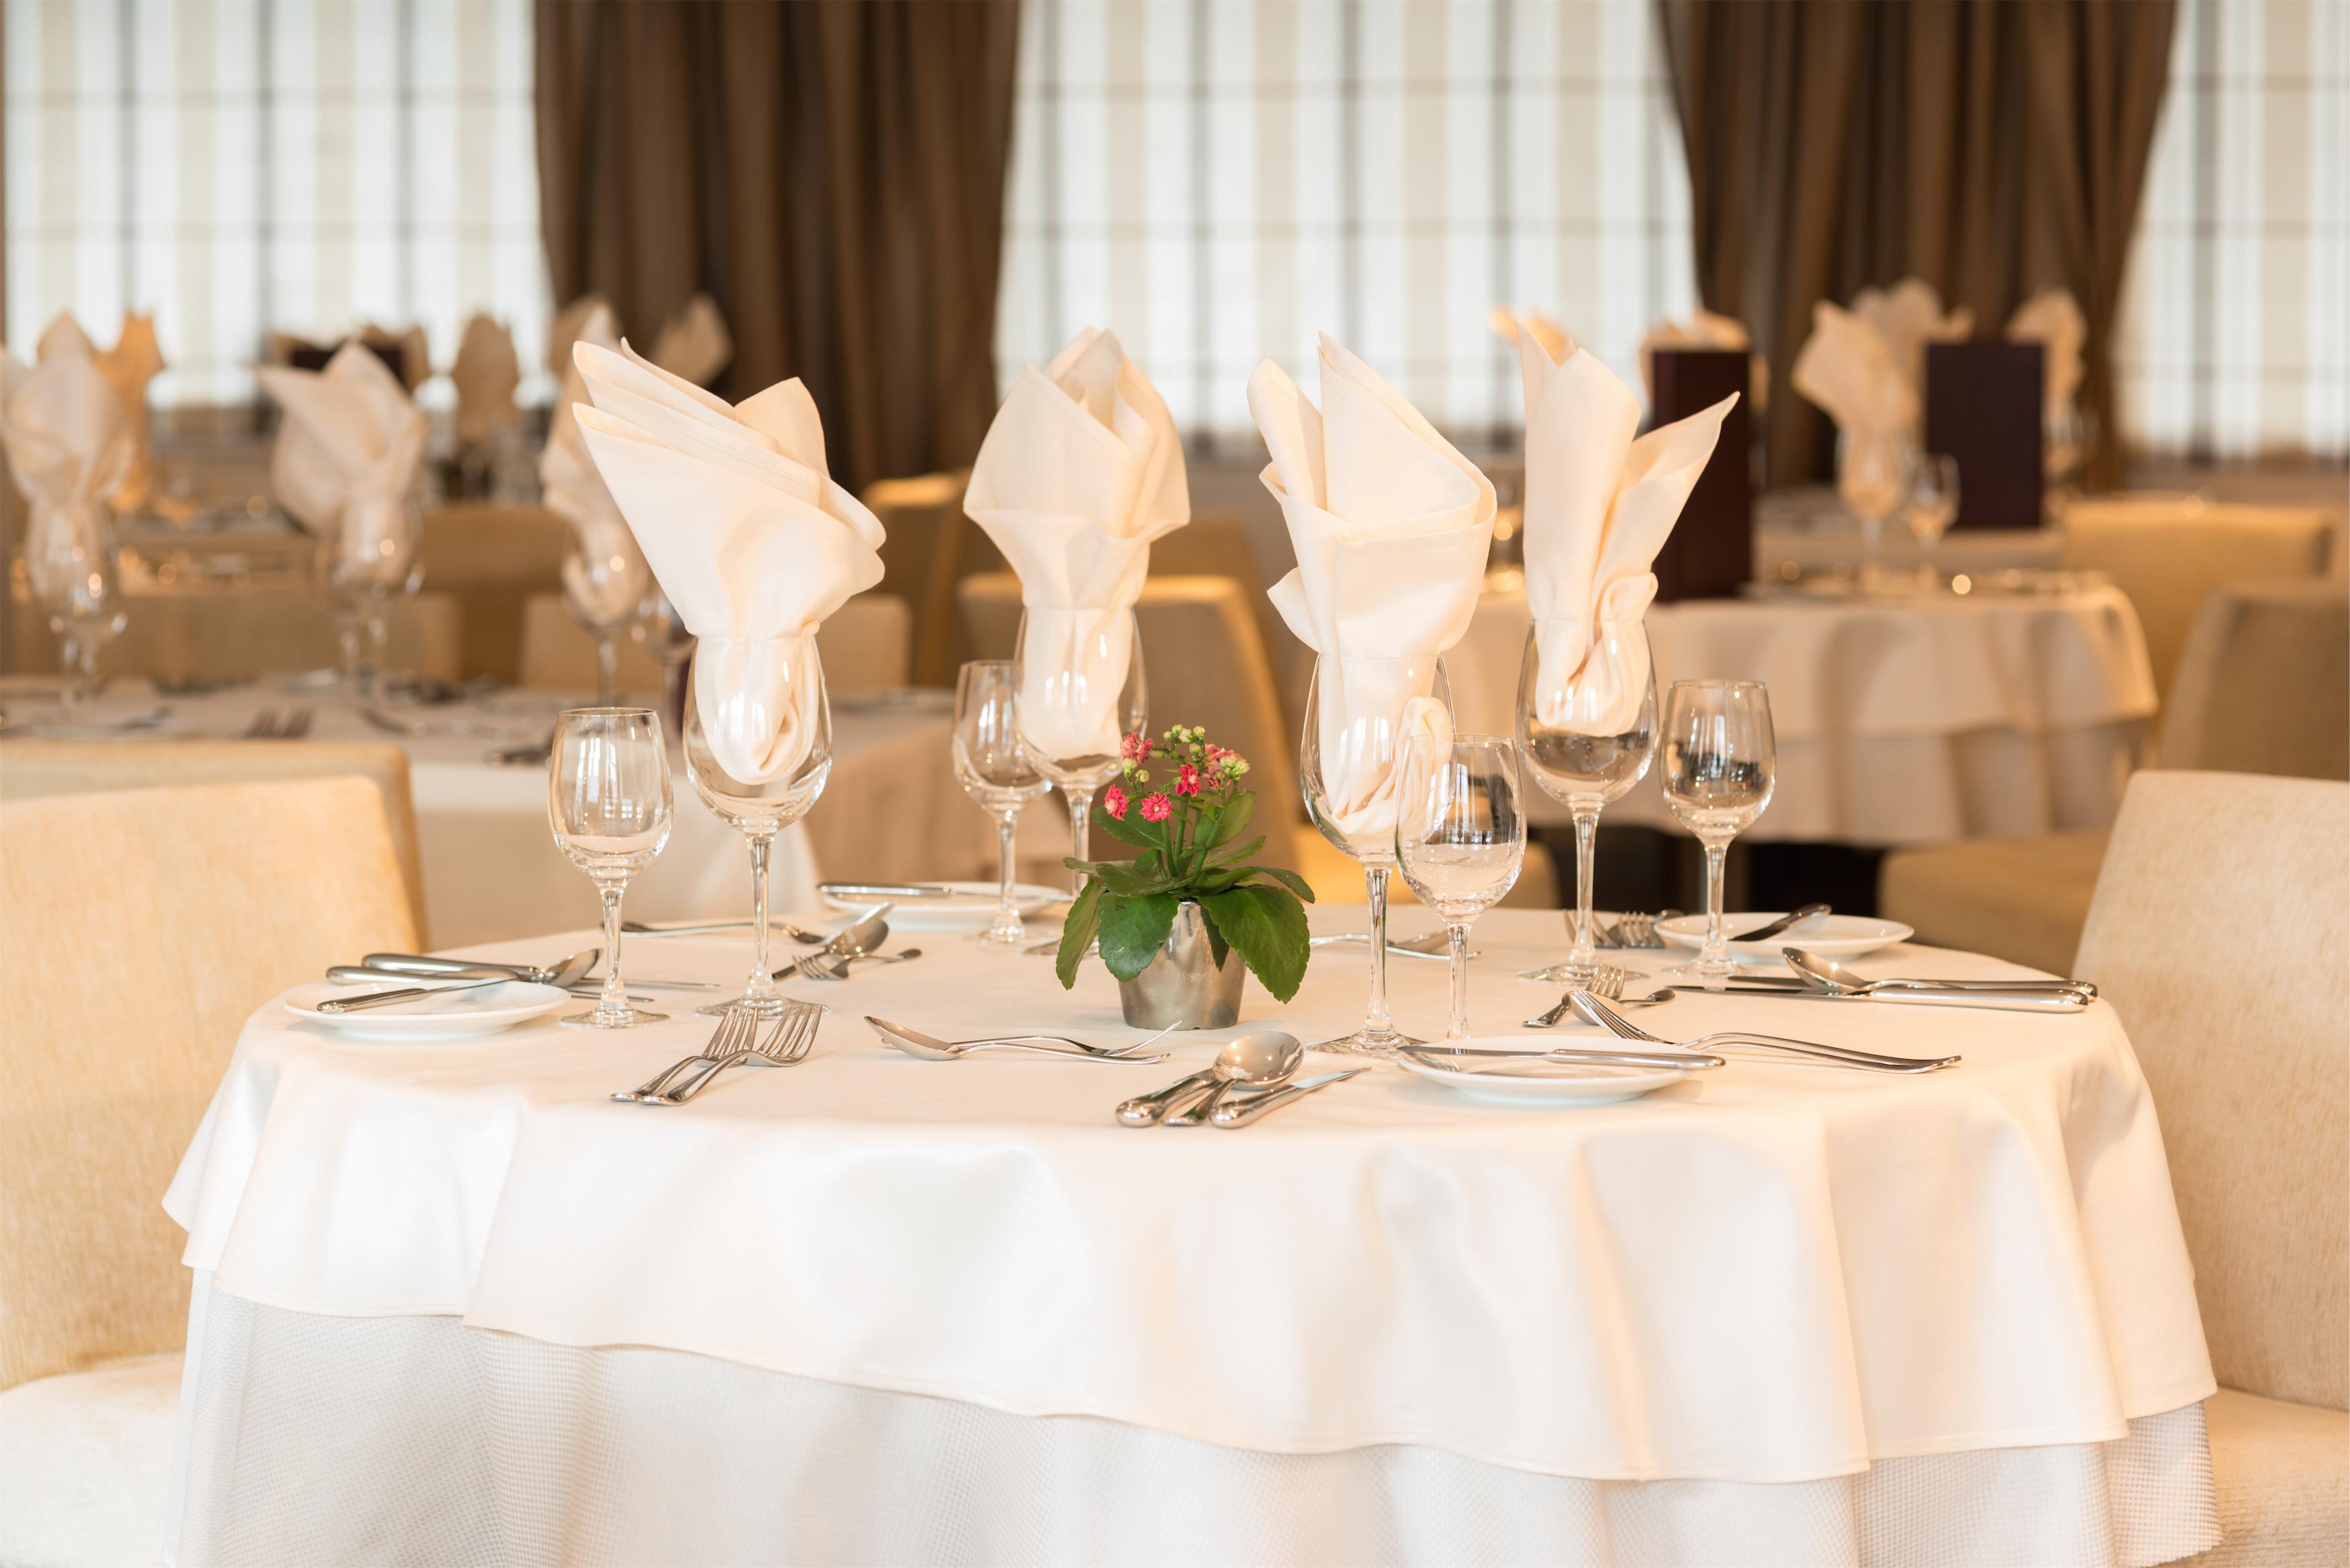 Scenic Tsar Interior Restaurant 7.jpg